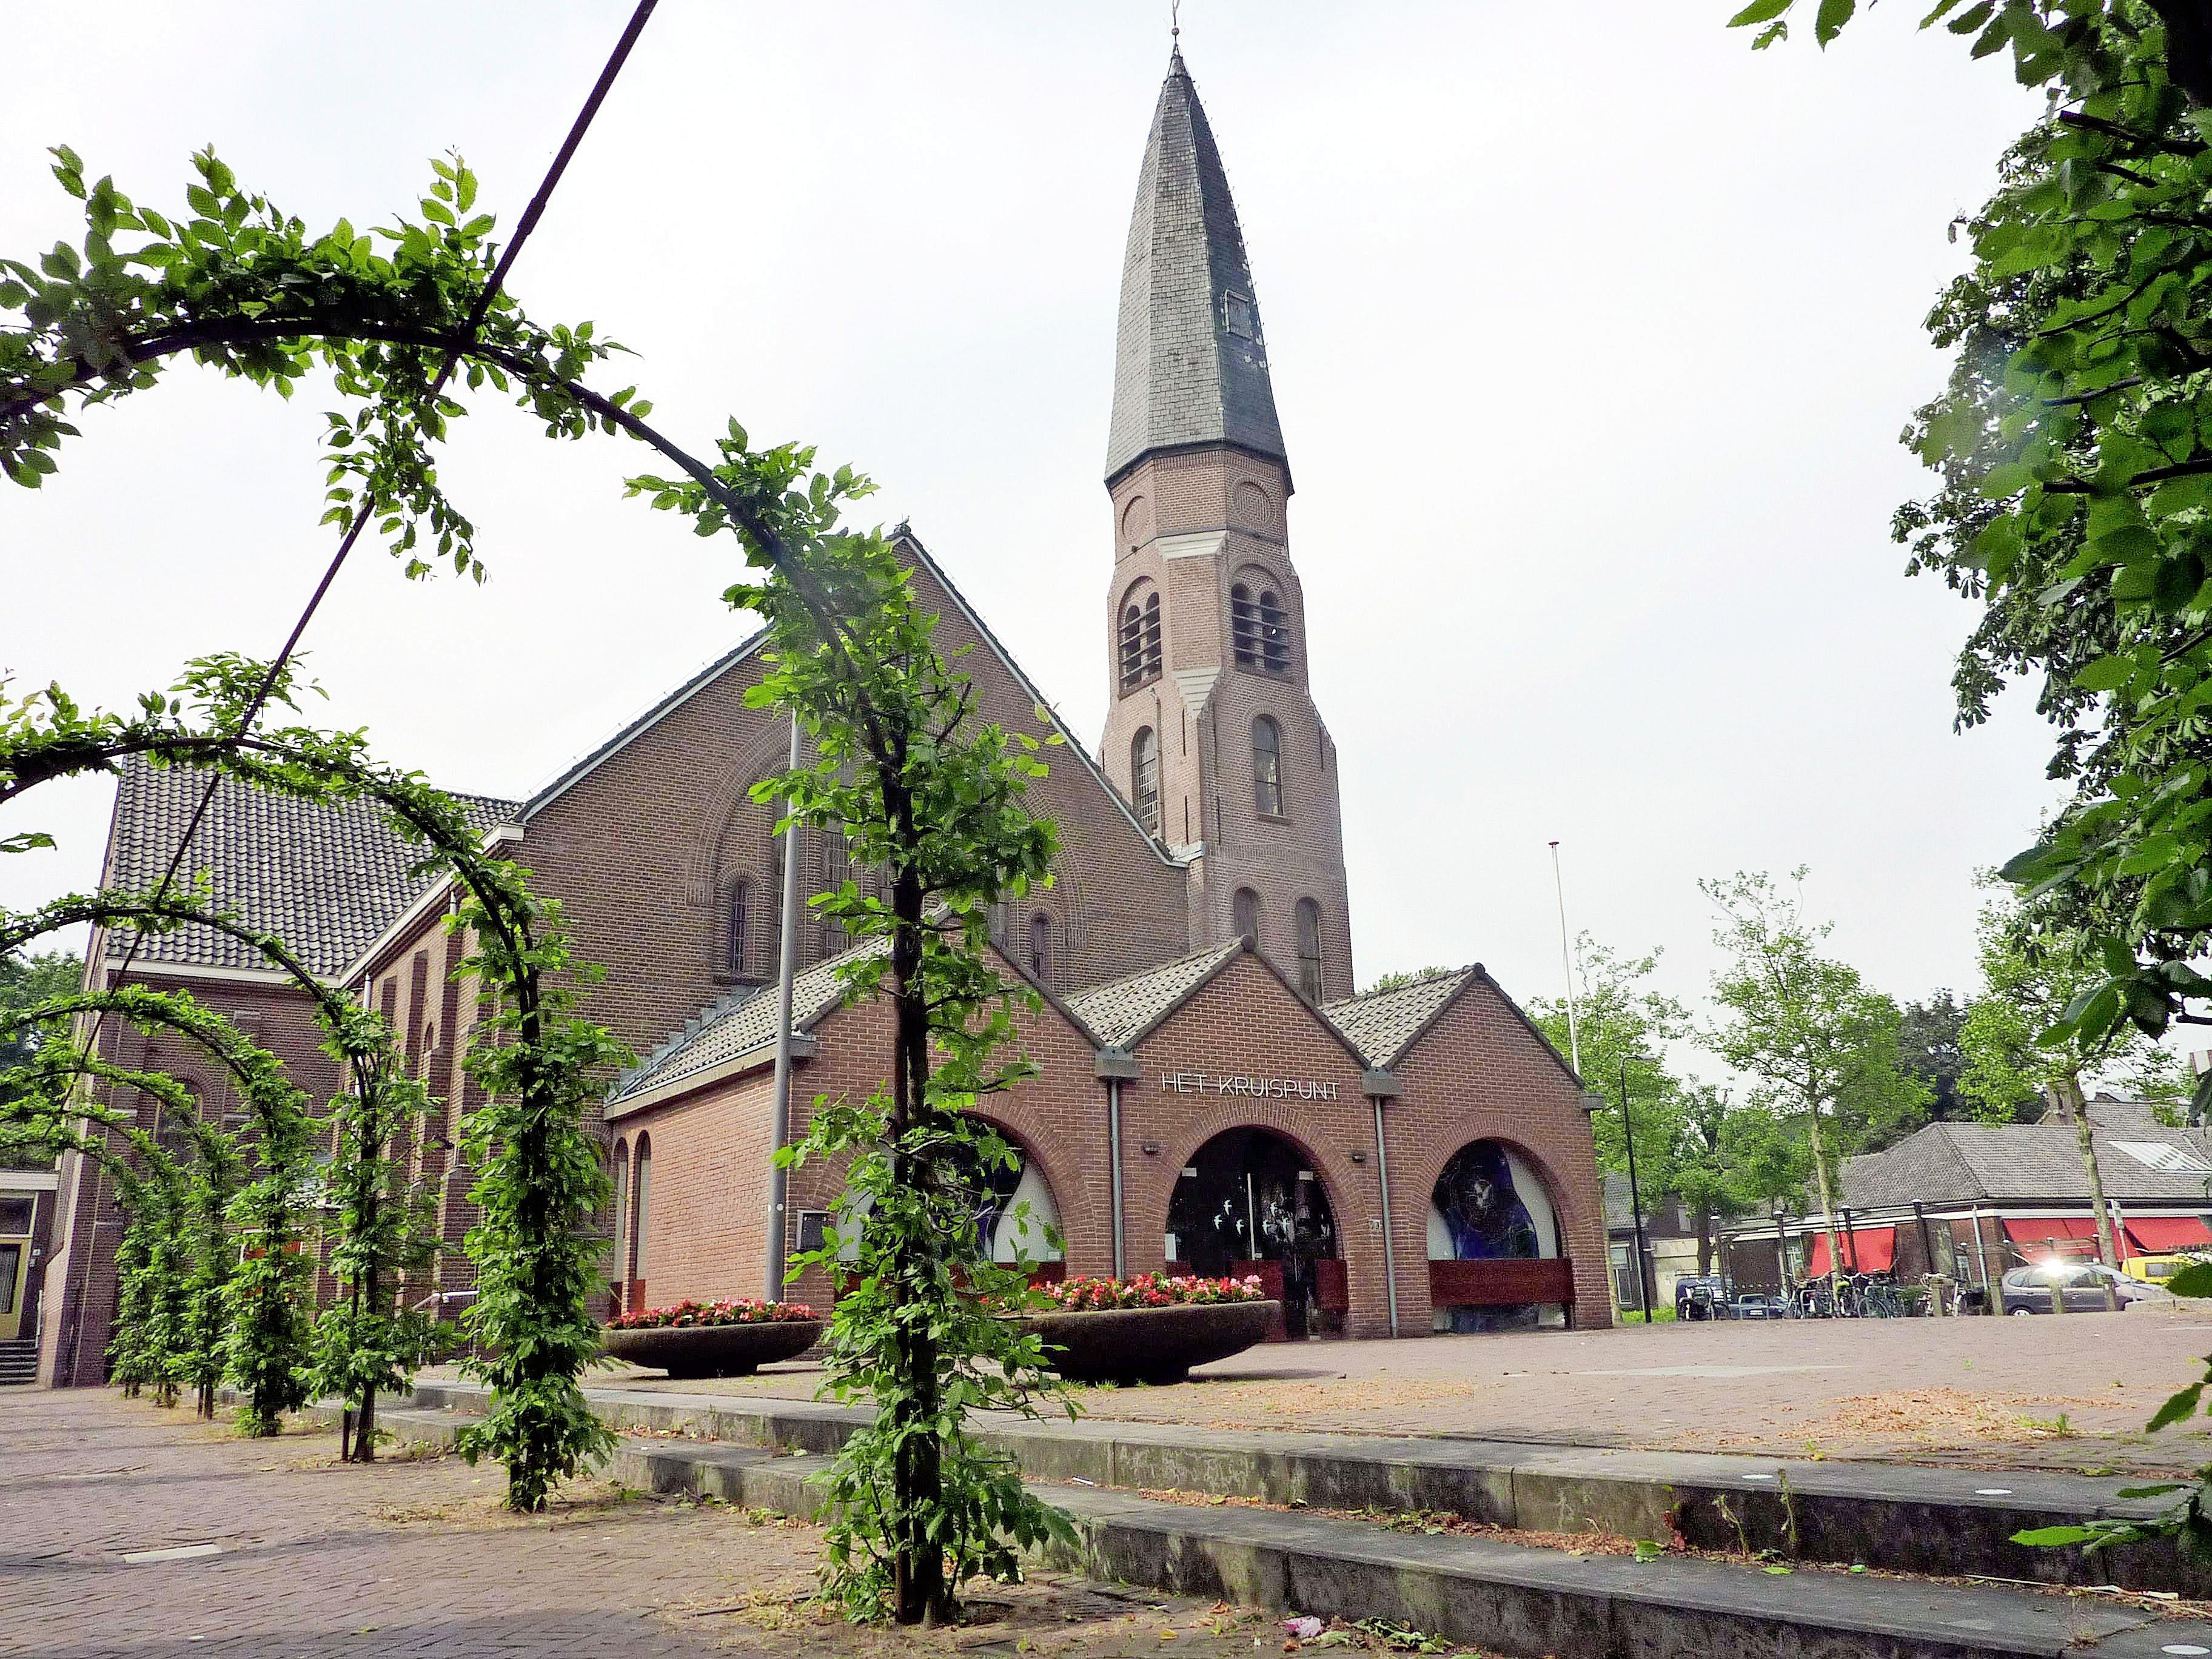 Onderzoek naar sloop monumentale Kruispuntkerk: 'Met een nieuw cultuurgebouw op die plek krijgt Voorschoten meer voor minder geld'